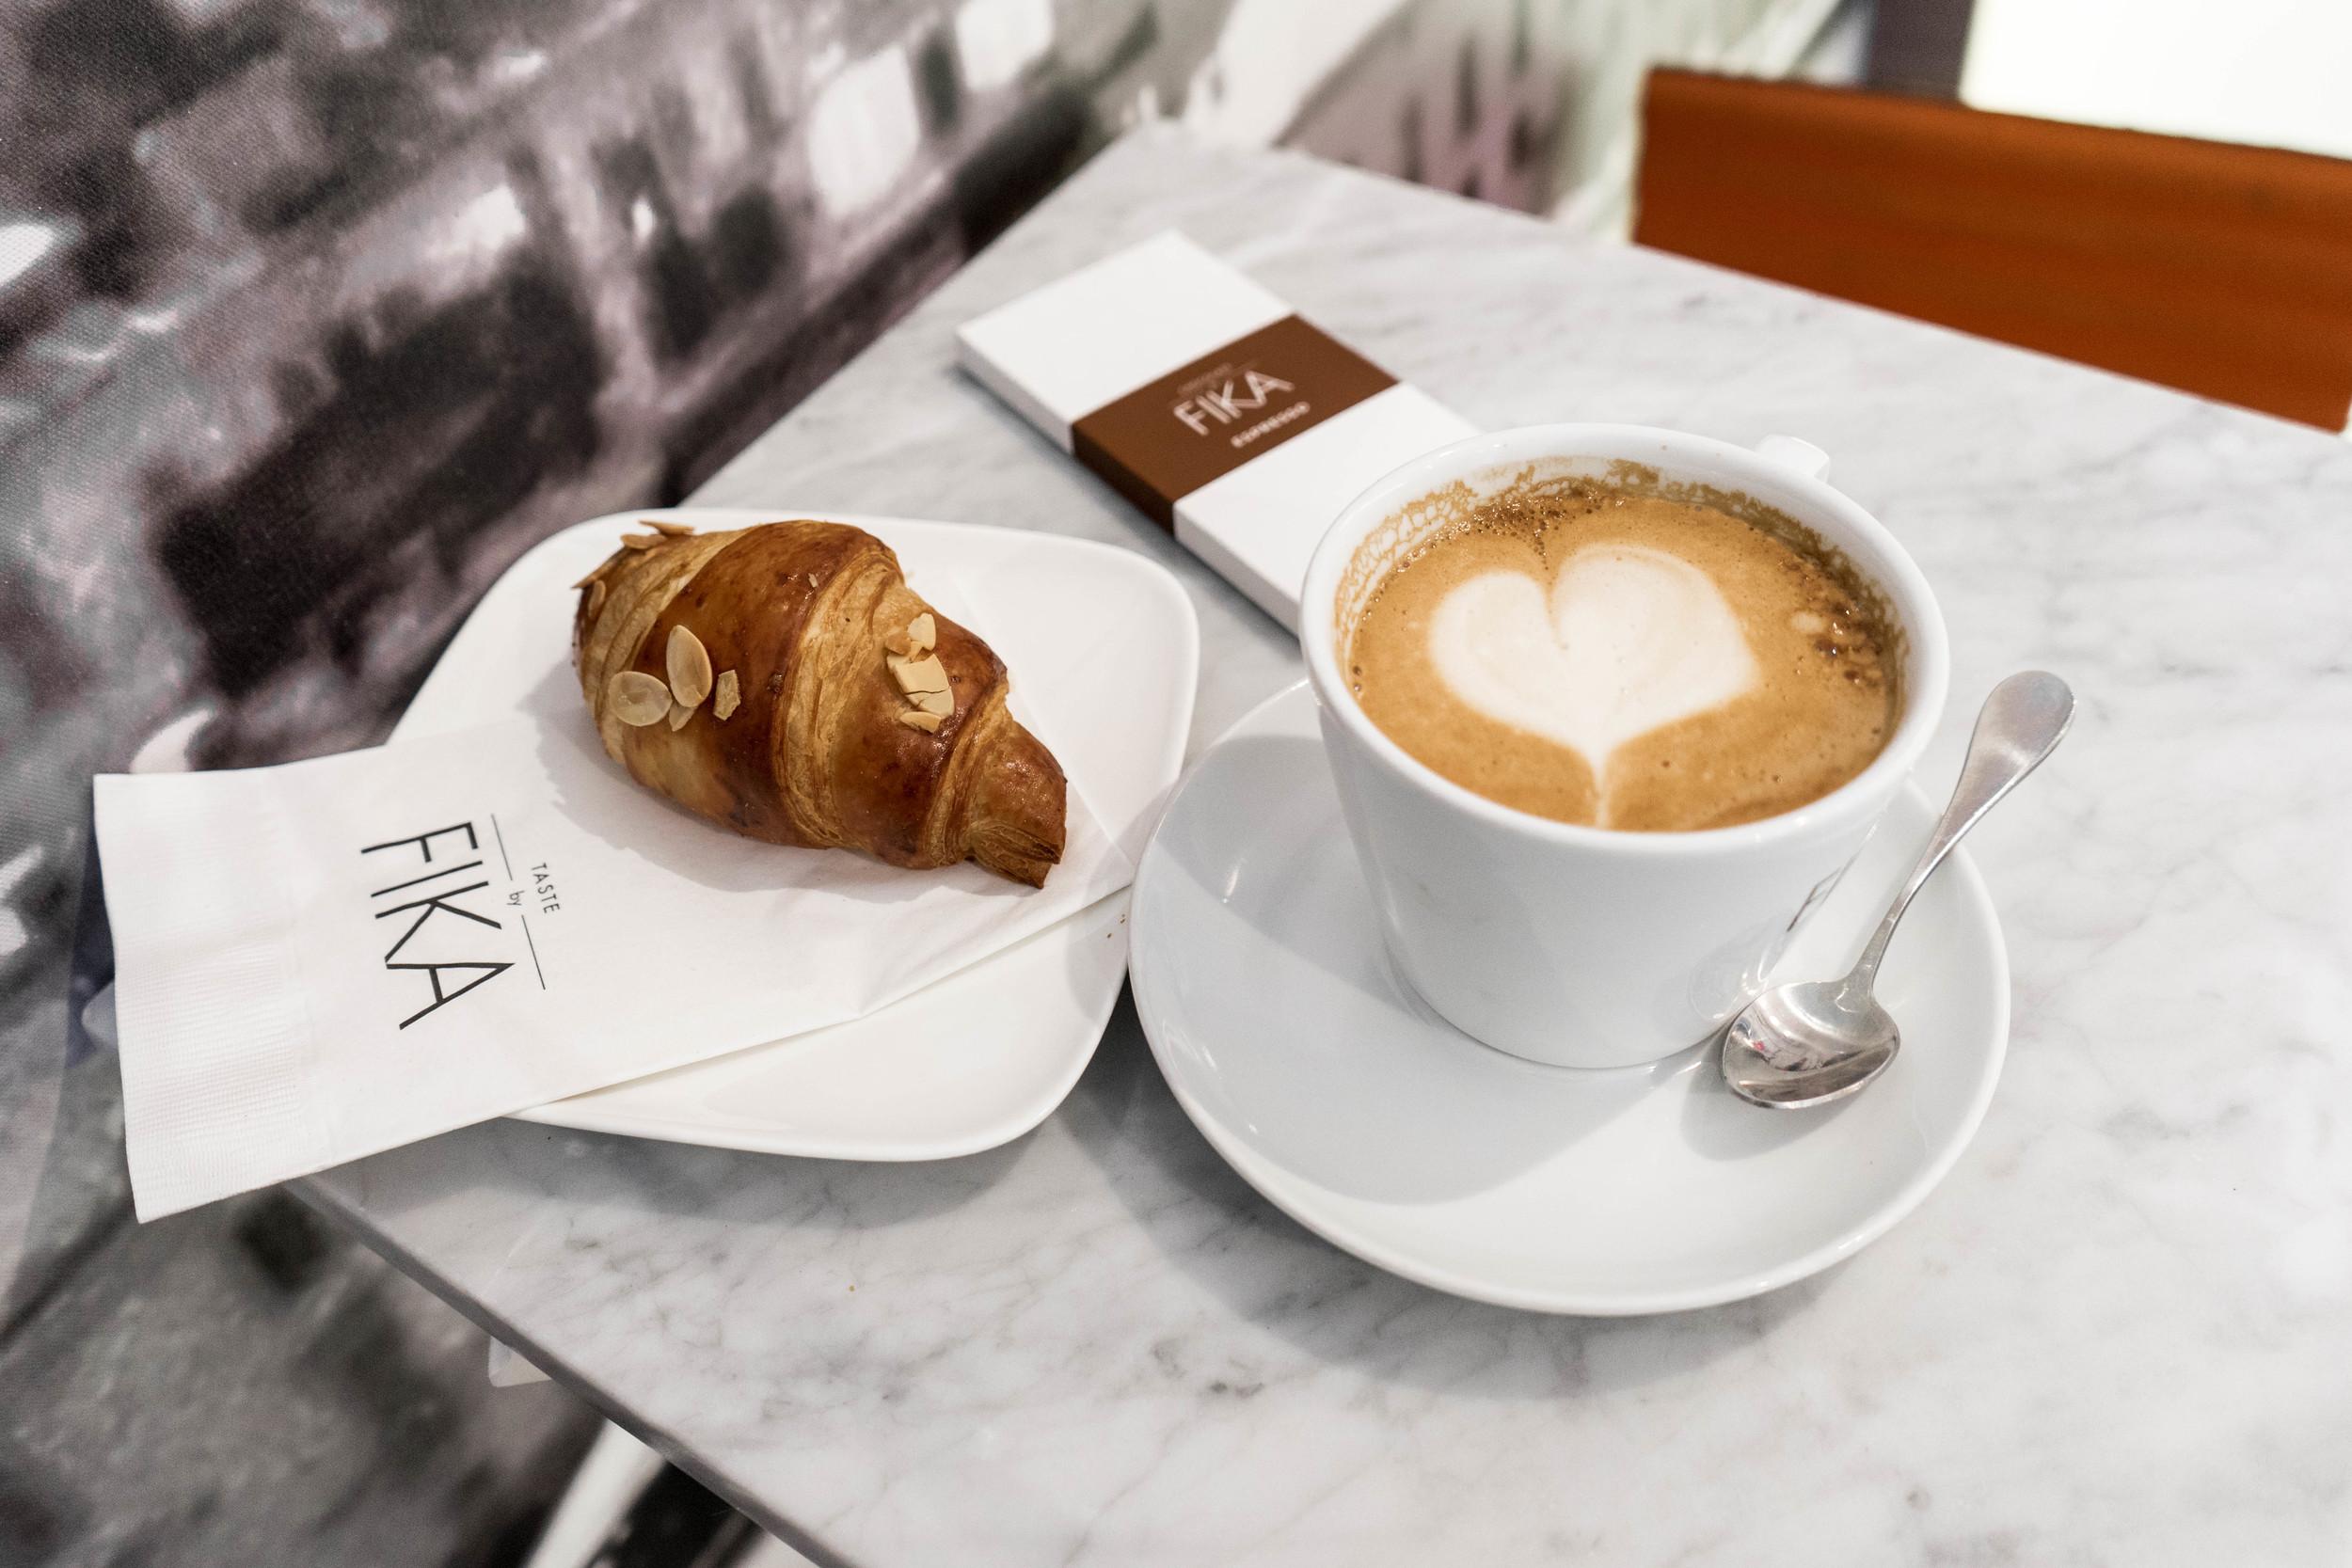 LeSycomore_coffee-shop-FIKA-esspresso-bar-9